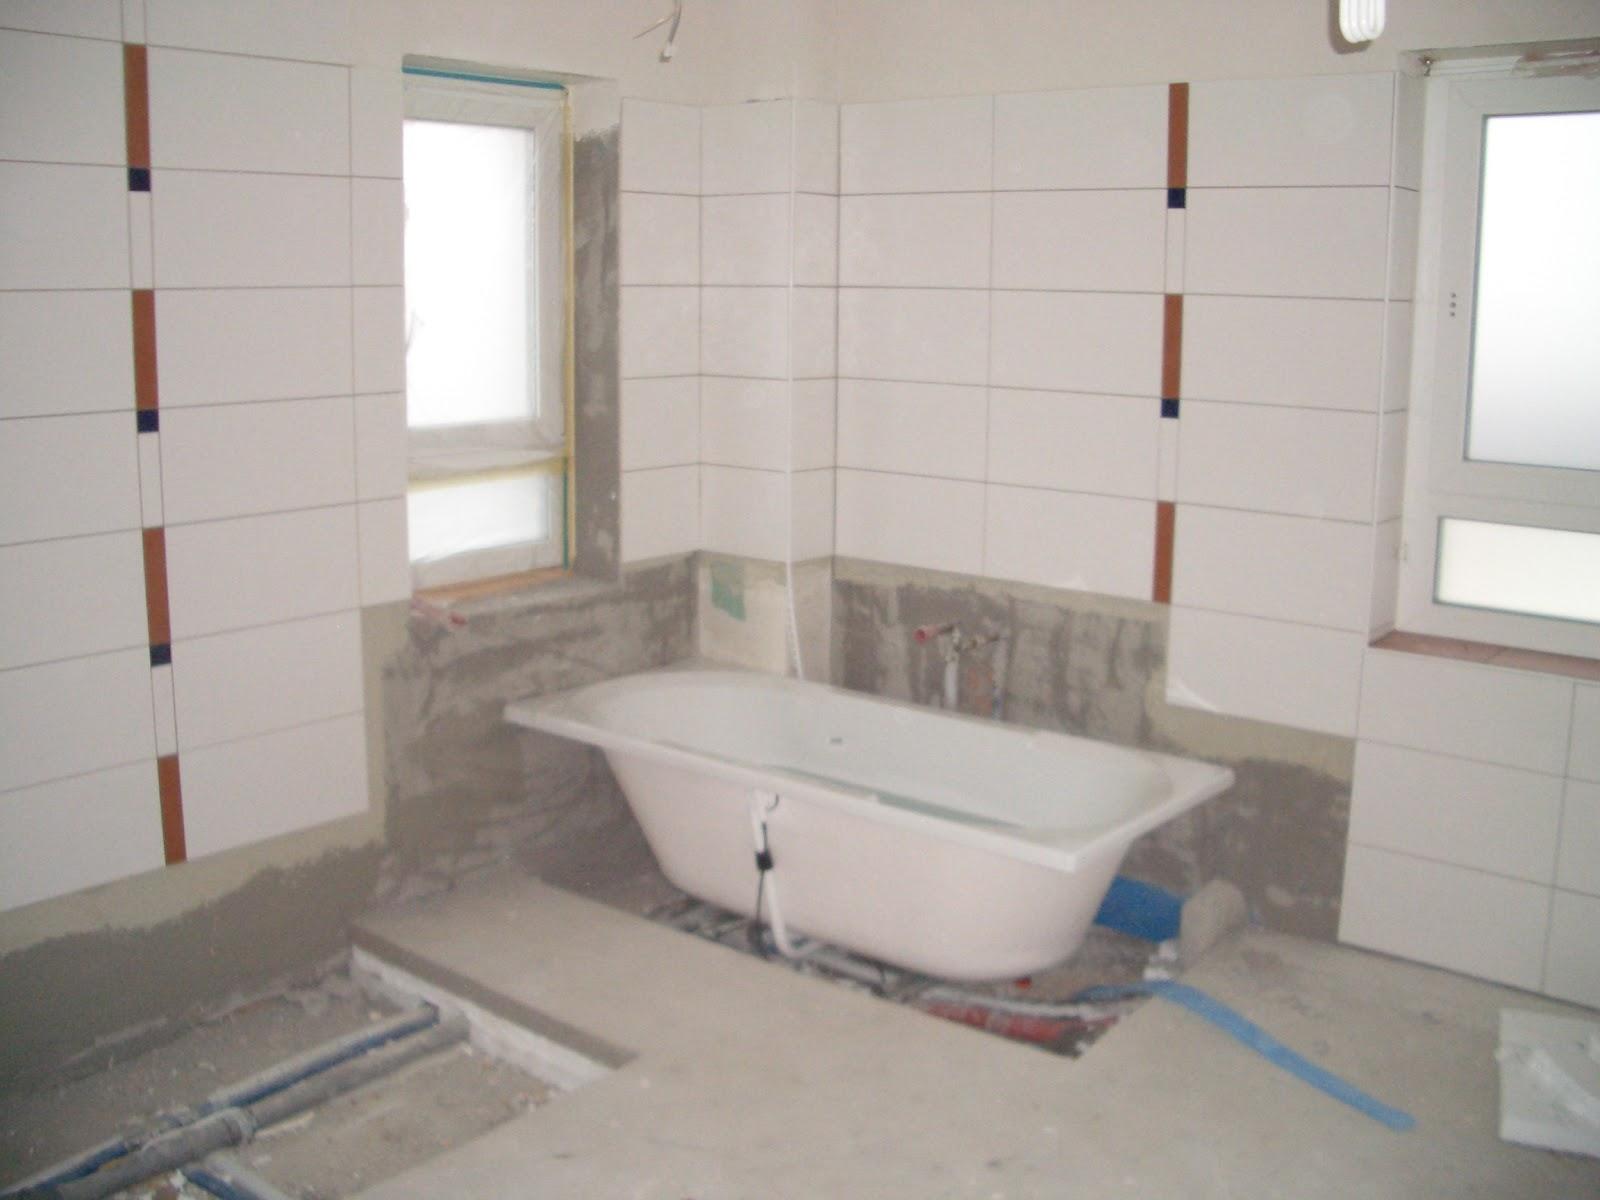 badezimmer verlegen haus design m bel ideen und innenarchitektur. Black Bedroom Furniture Sets. Home Design Ideas